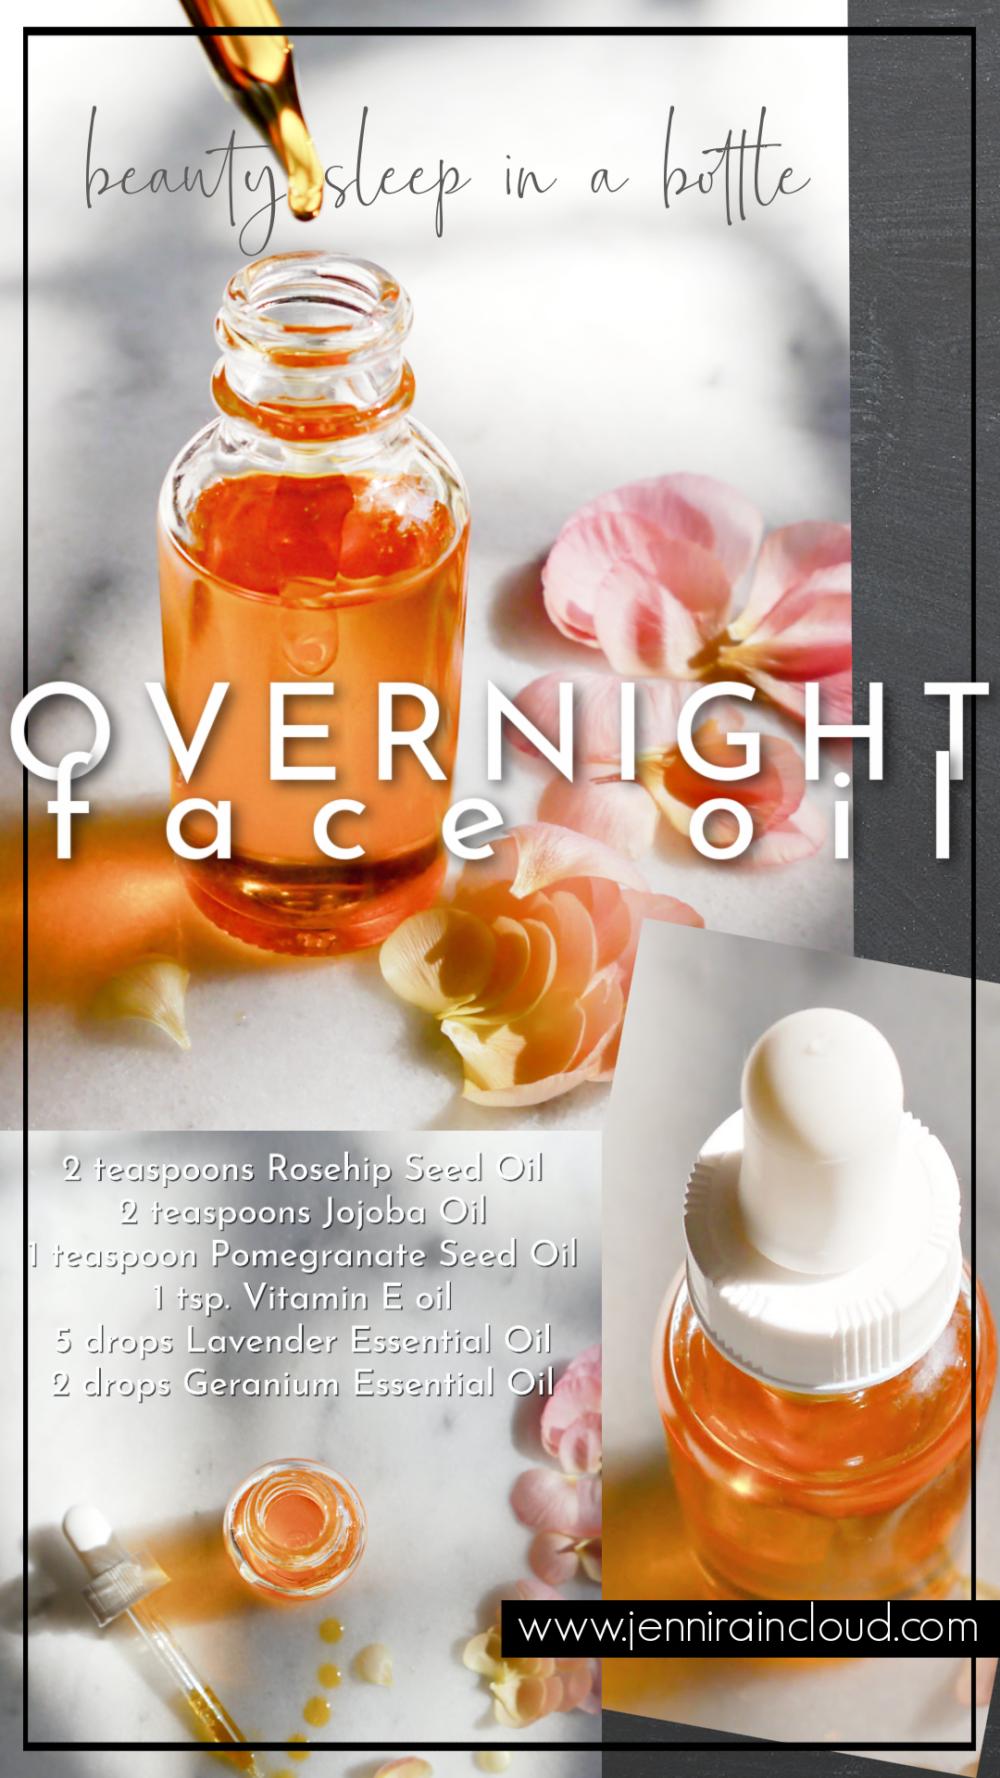 DIY Face Oil Beauty Sleep in a Bottle